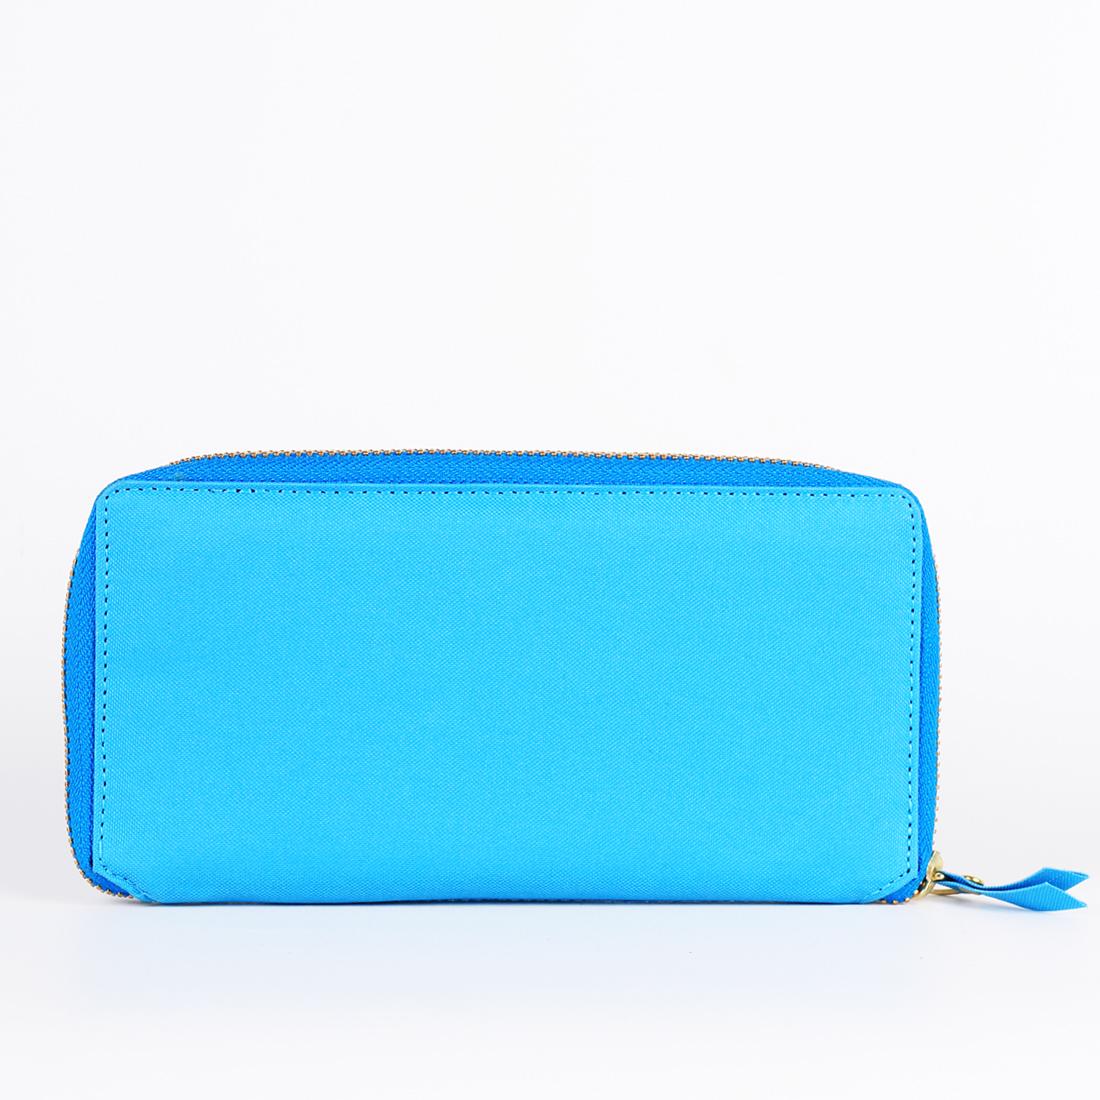 BAGNEZIA Dompet Wallet Wallts Kana Blue Navy